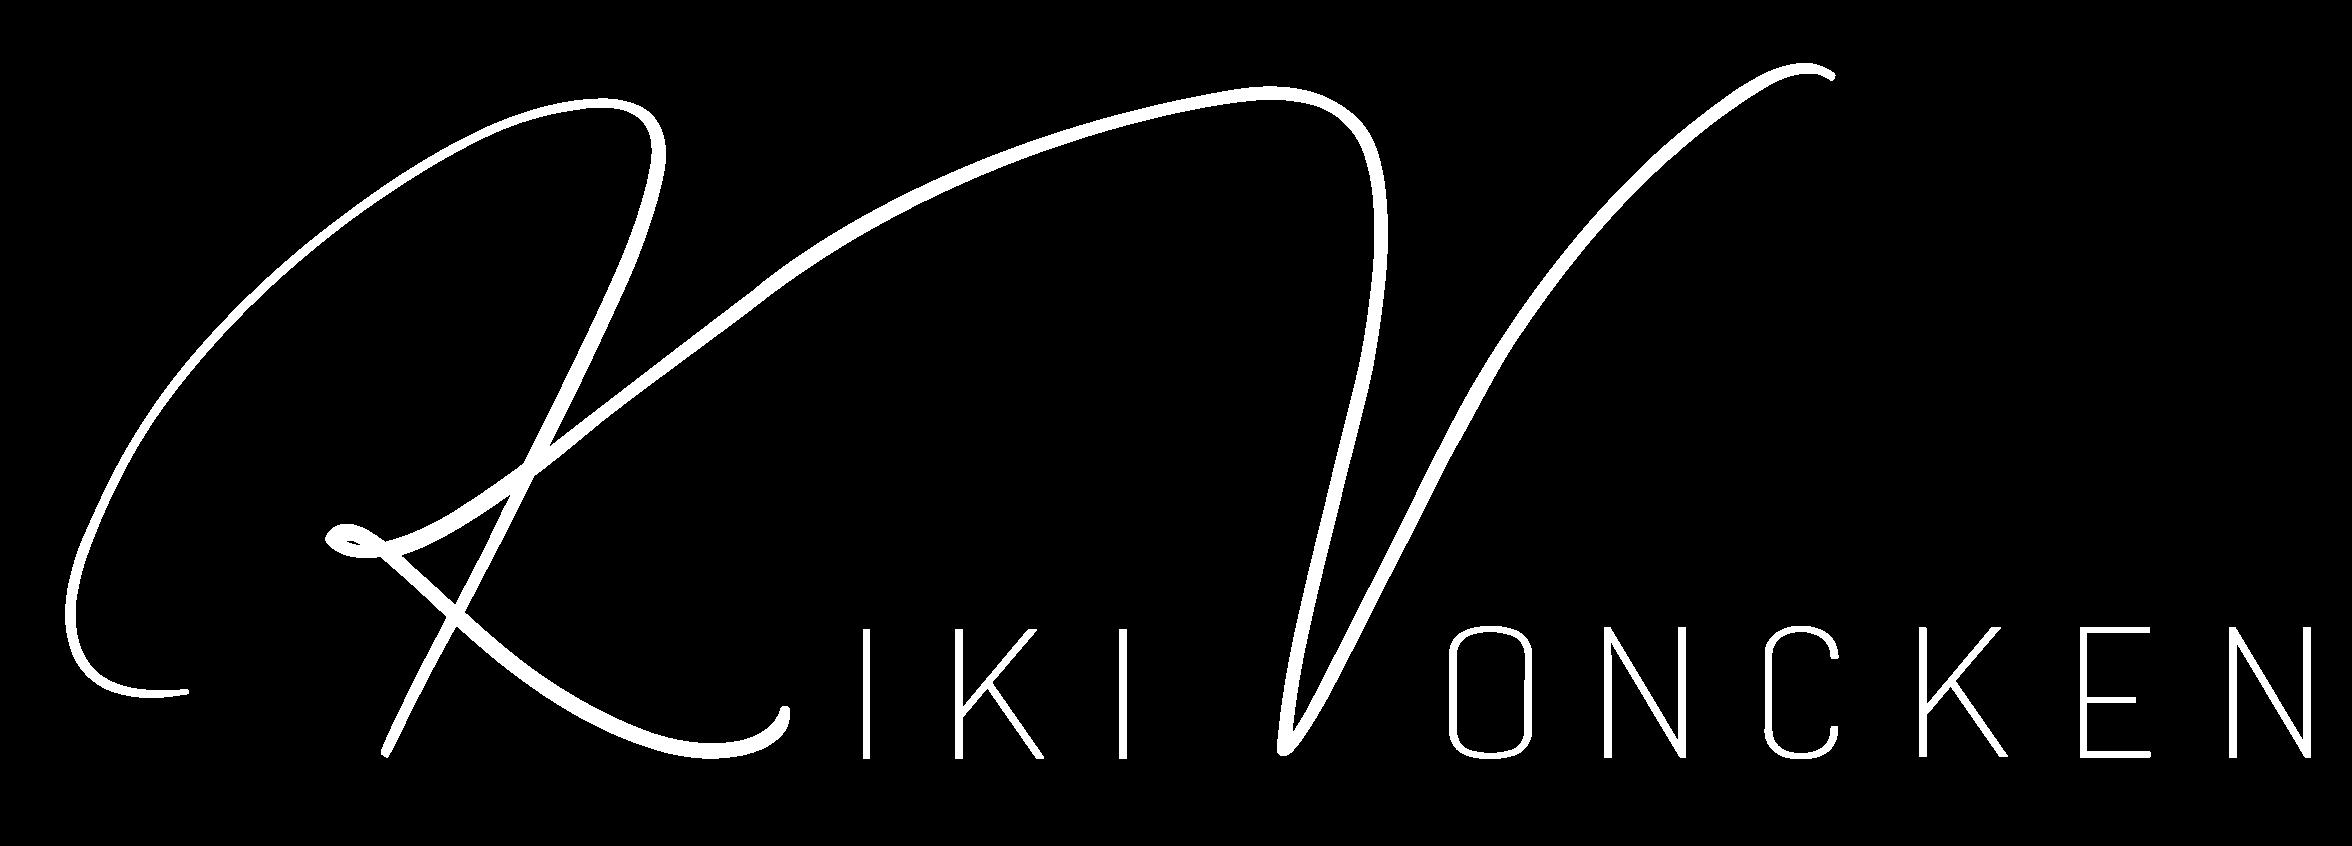 Final_Kiki_Voncken_Logo_Wiit